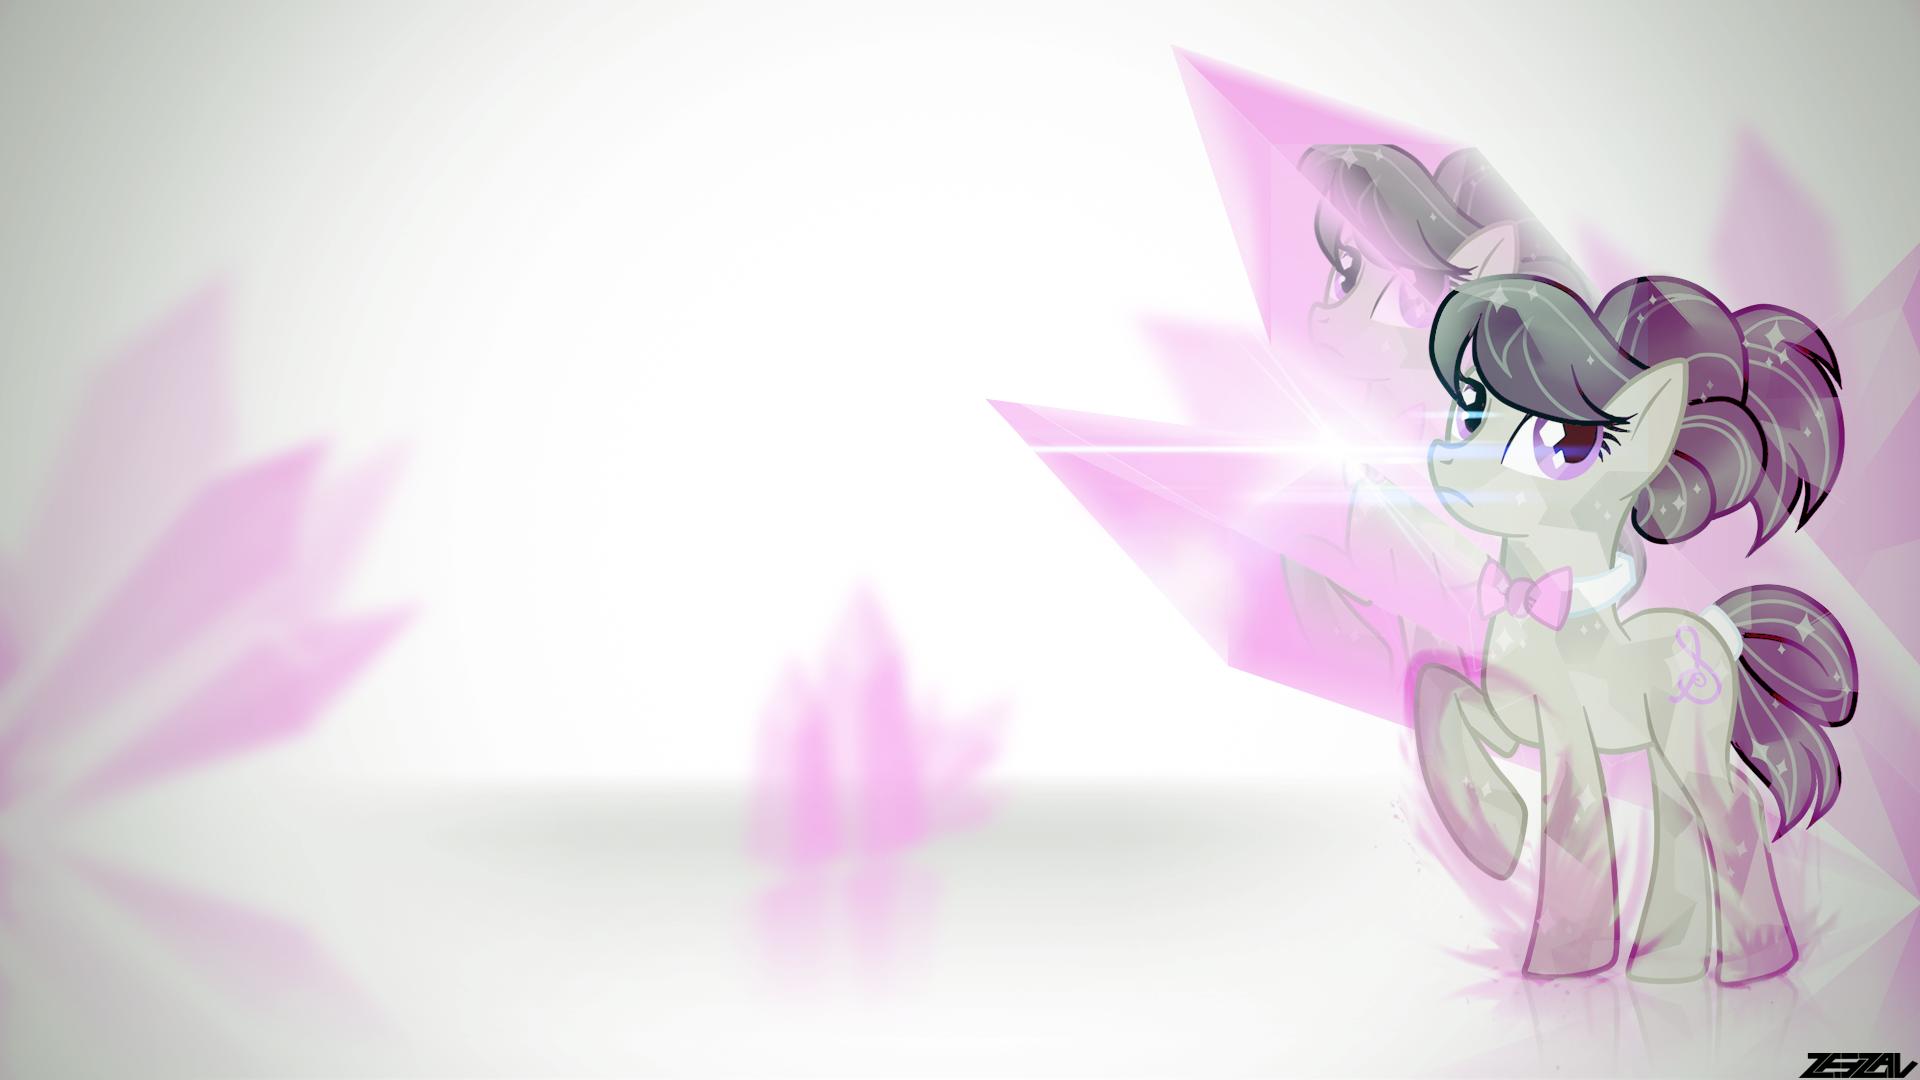 Crystal Octavia by HappyKsu and Tomchambo